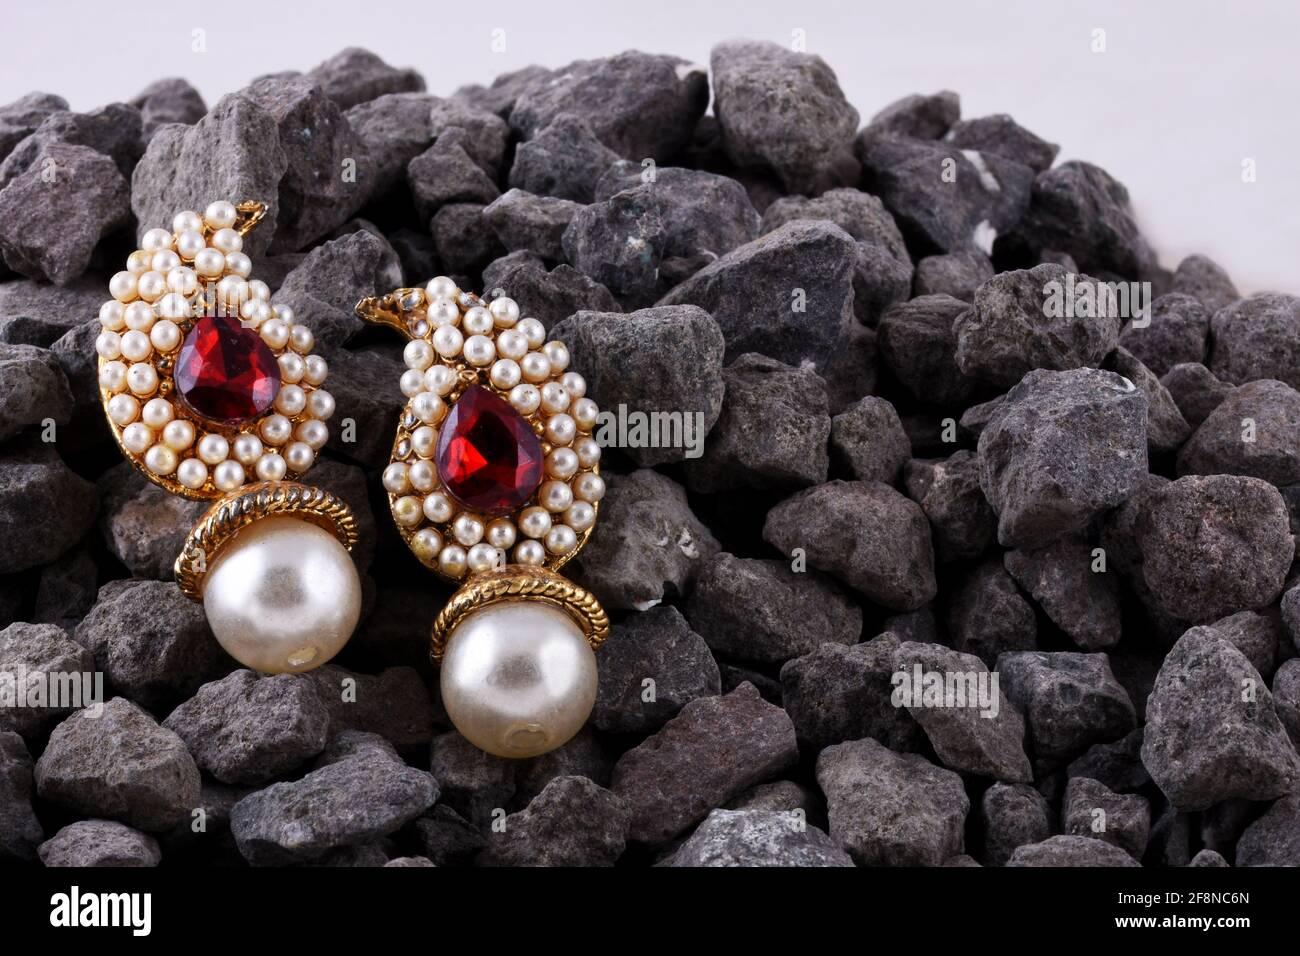 Orecchini Perla con gemma di rubino, gioielli indiani tradizionali, gioielli indiani Foto Stock